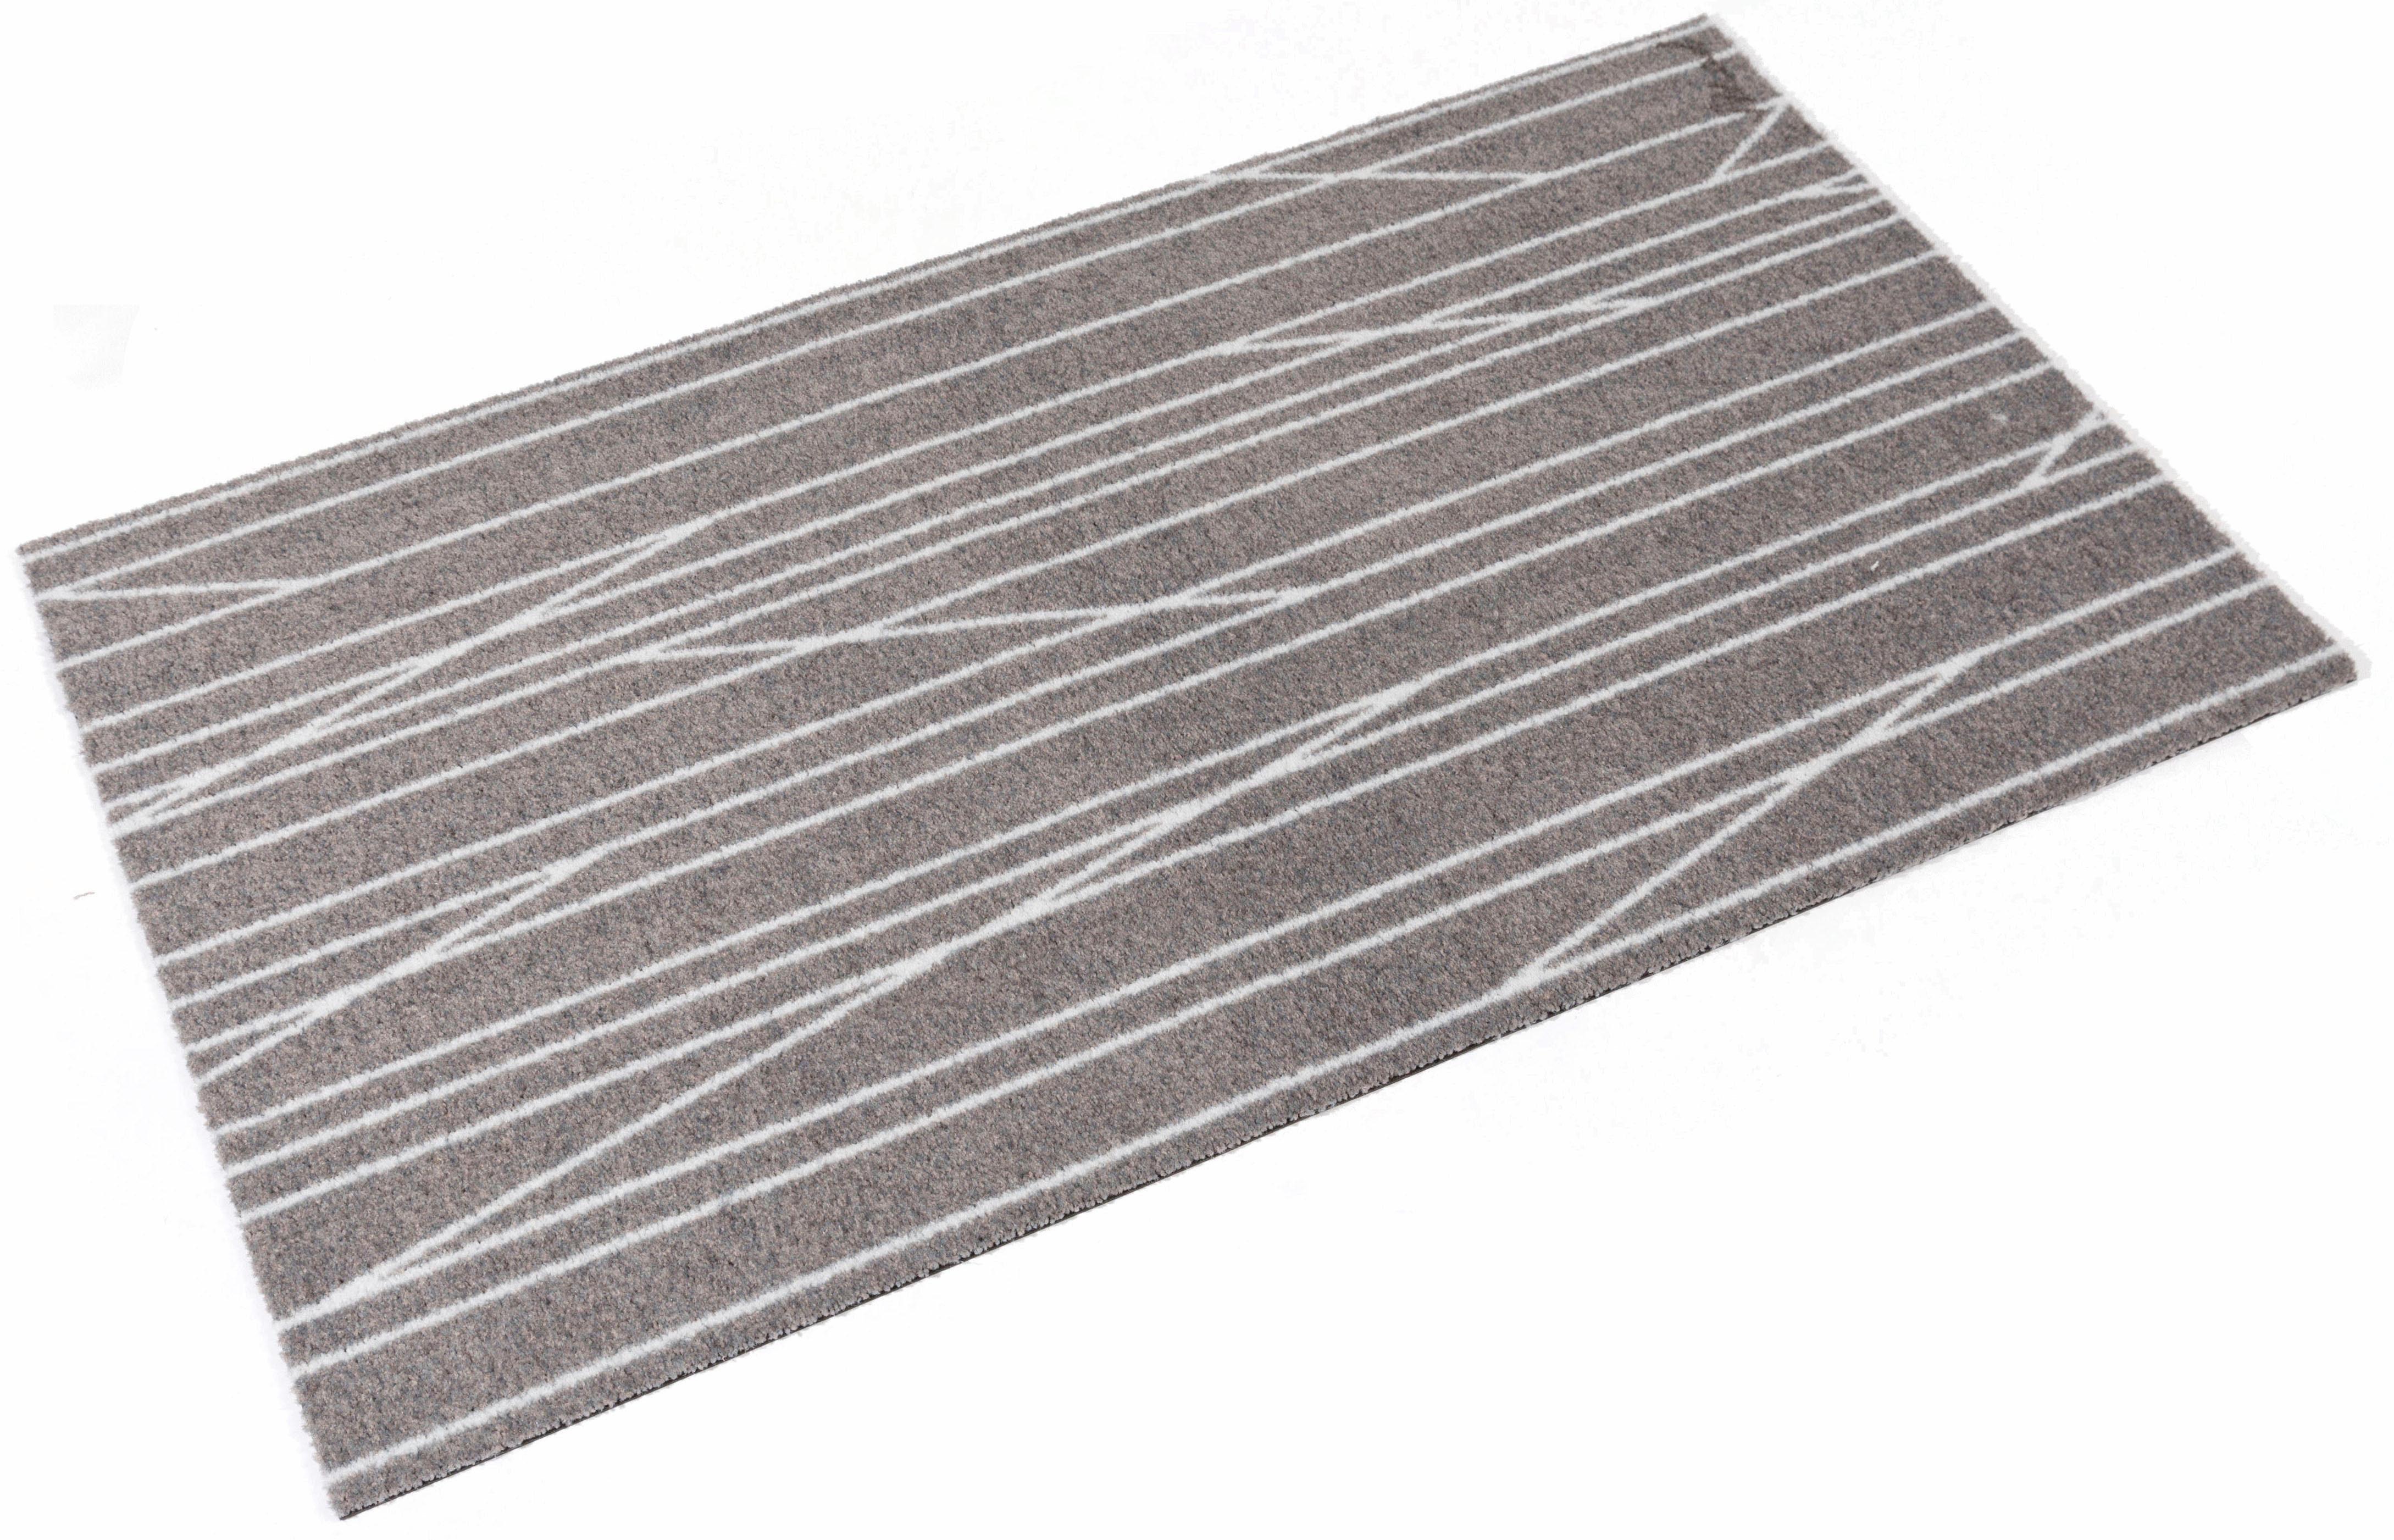 Teppich »Casper«, Mad about Mats, rechteckig, Höhe 9 mm, waschbar